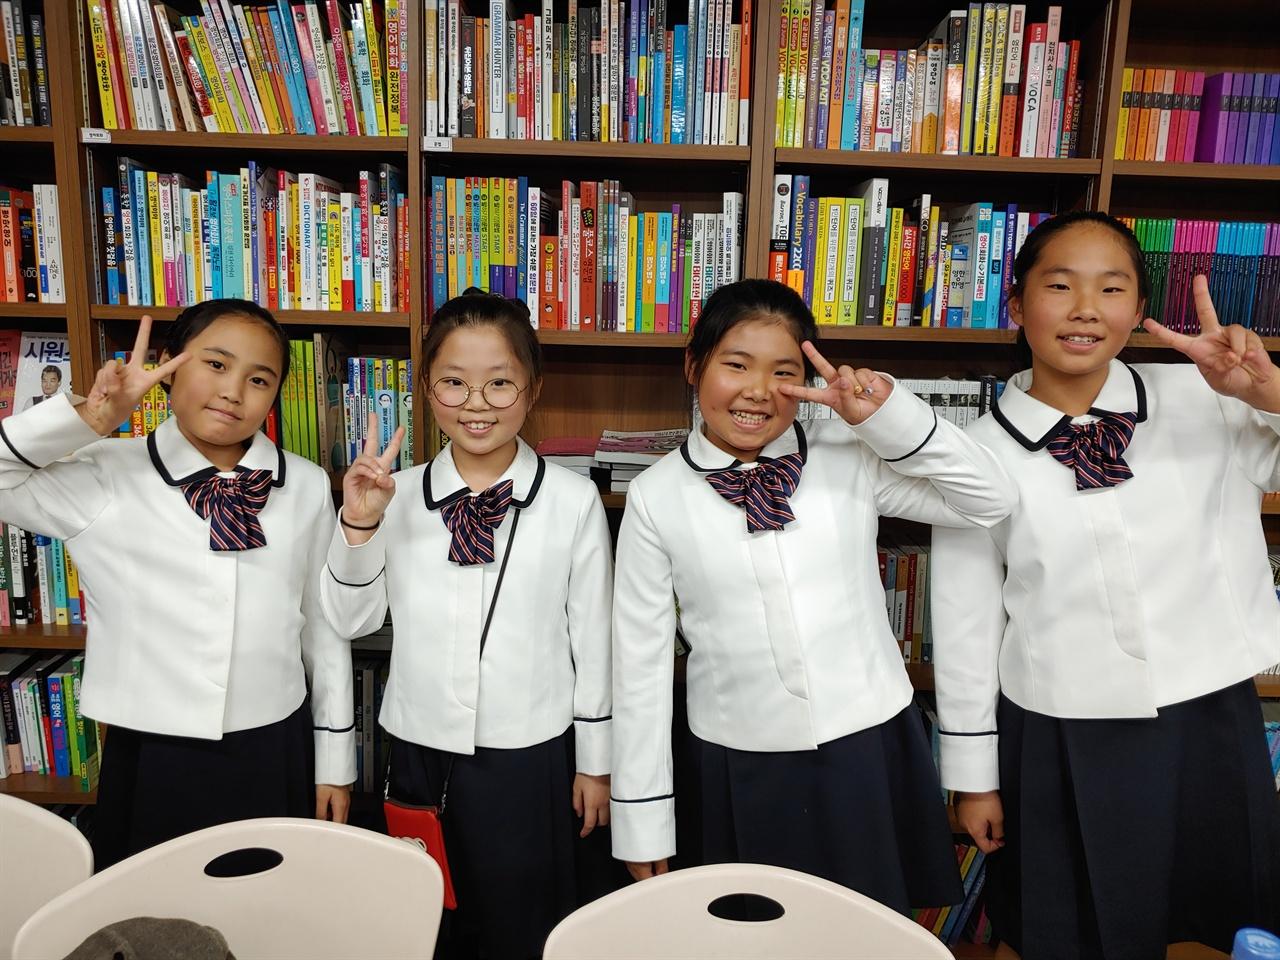 은파소년소녀합창단 어린이들. 아침 9시부터 금강중학교에서 공연하고 바로 책 읽으러 서점으로 왔다고 한다.